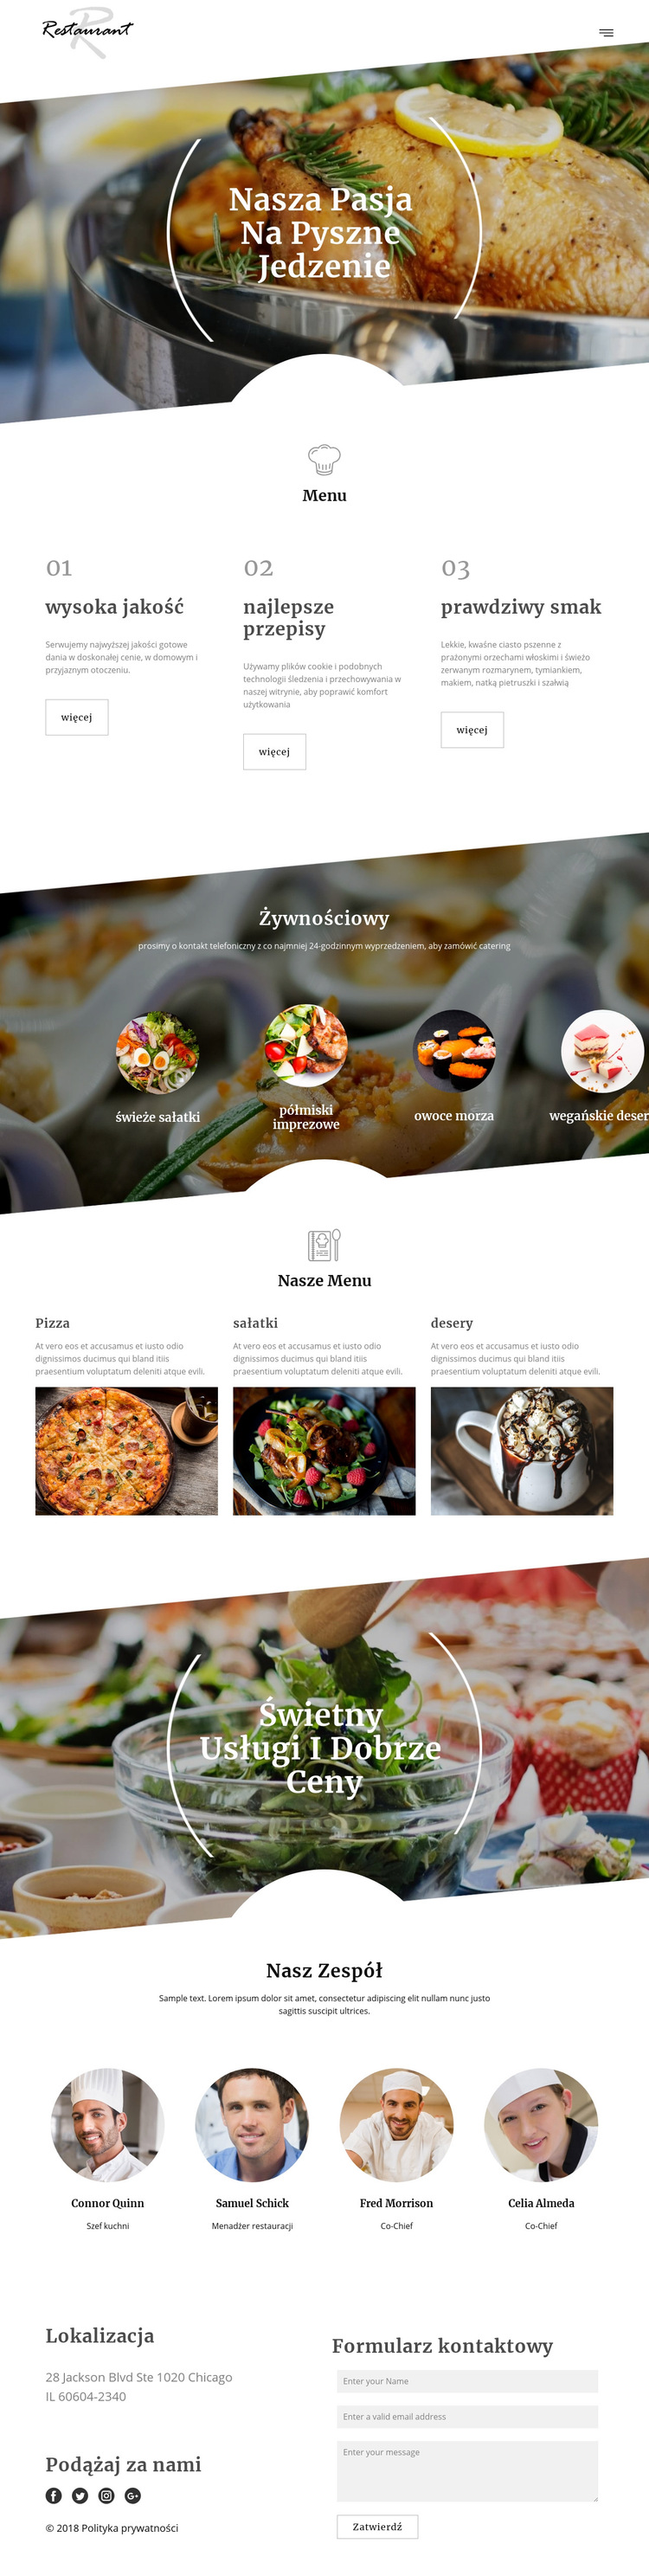 Przepisy szefa kuchni Szablon witryny sieci Web